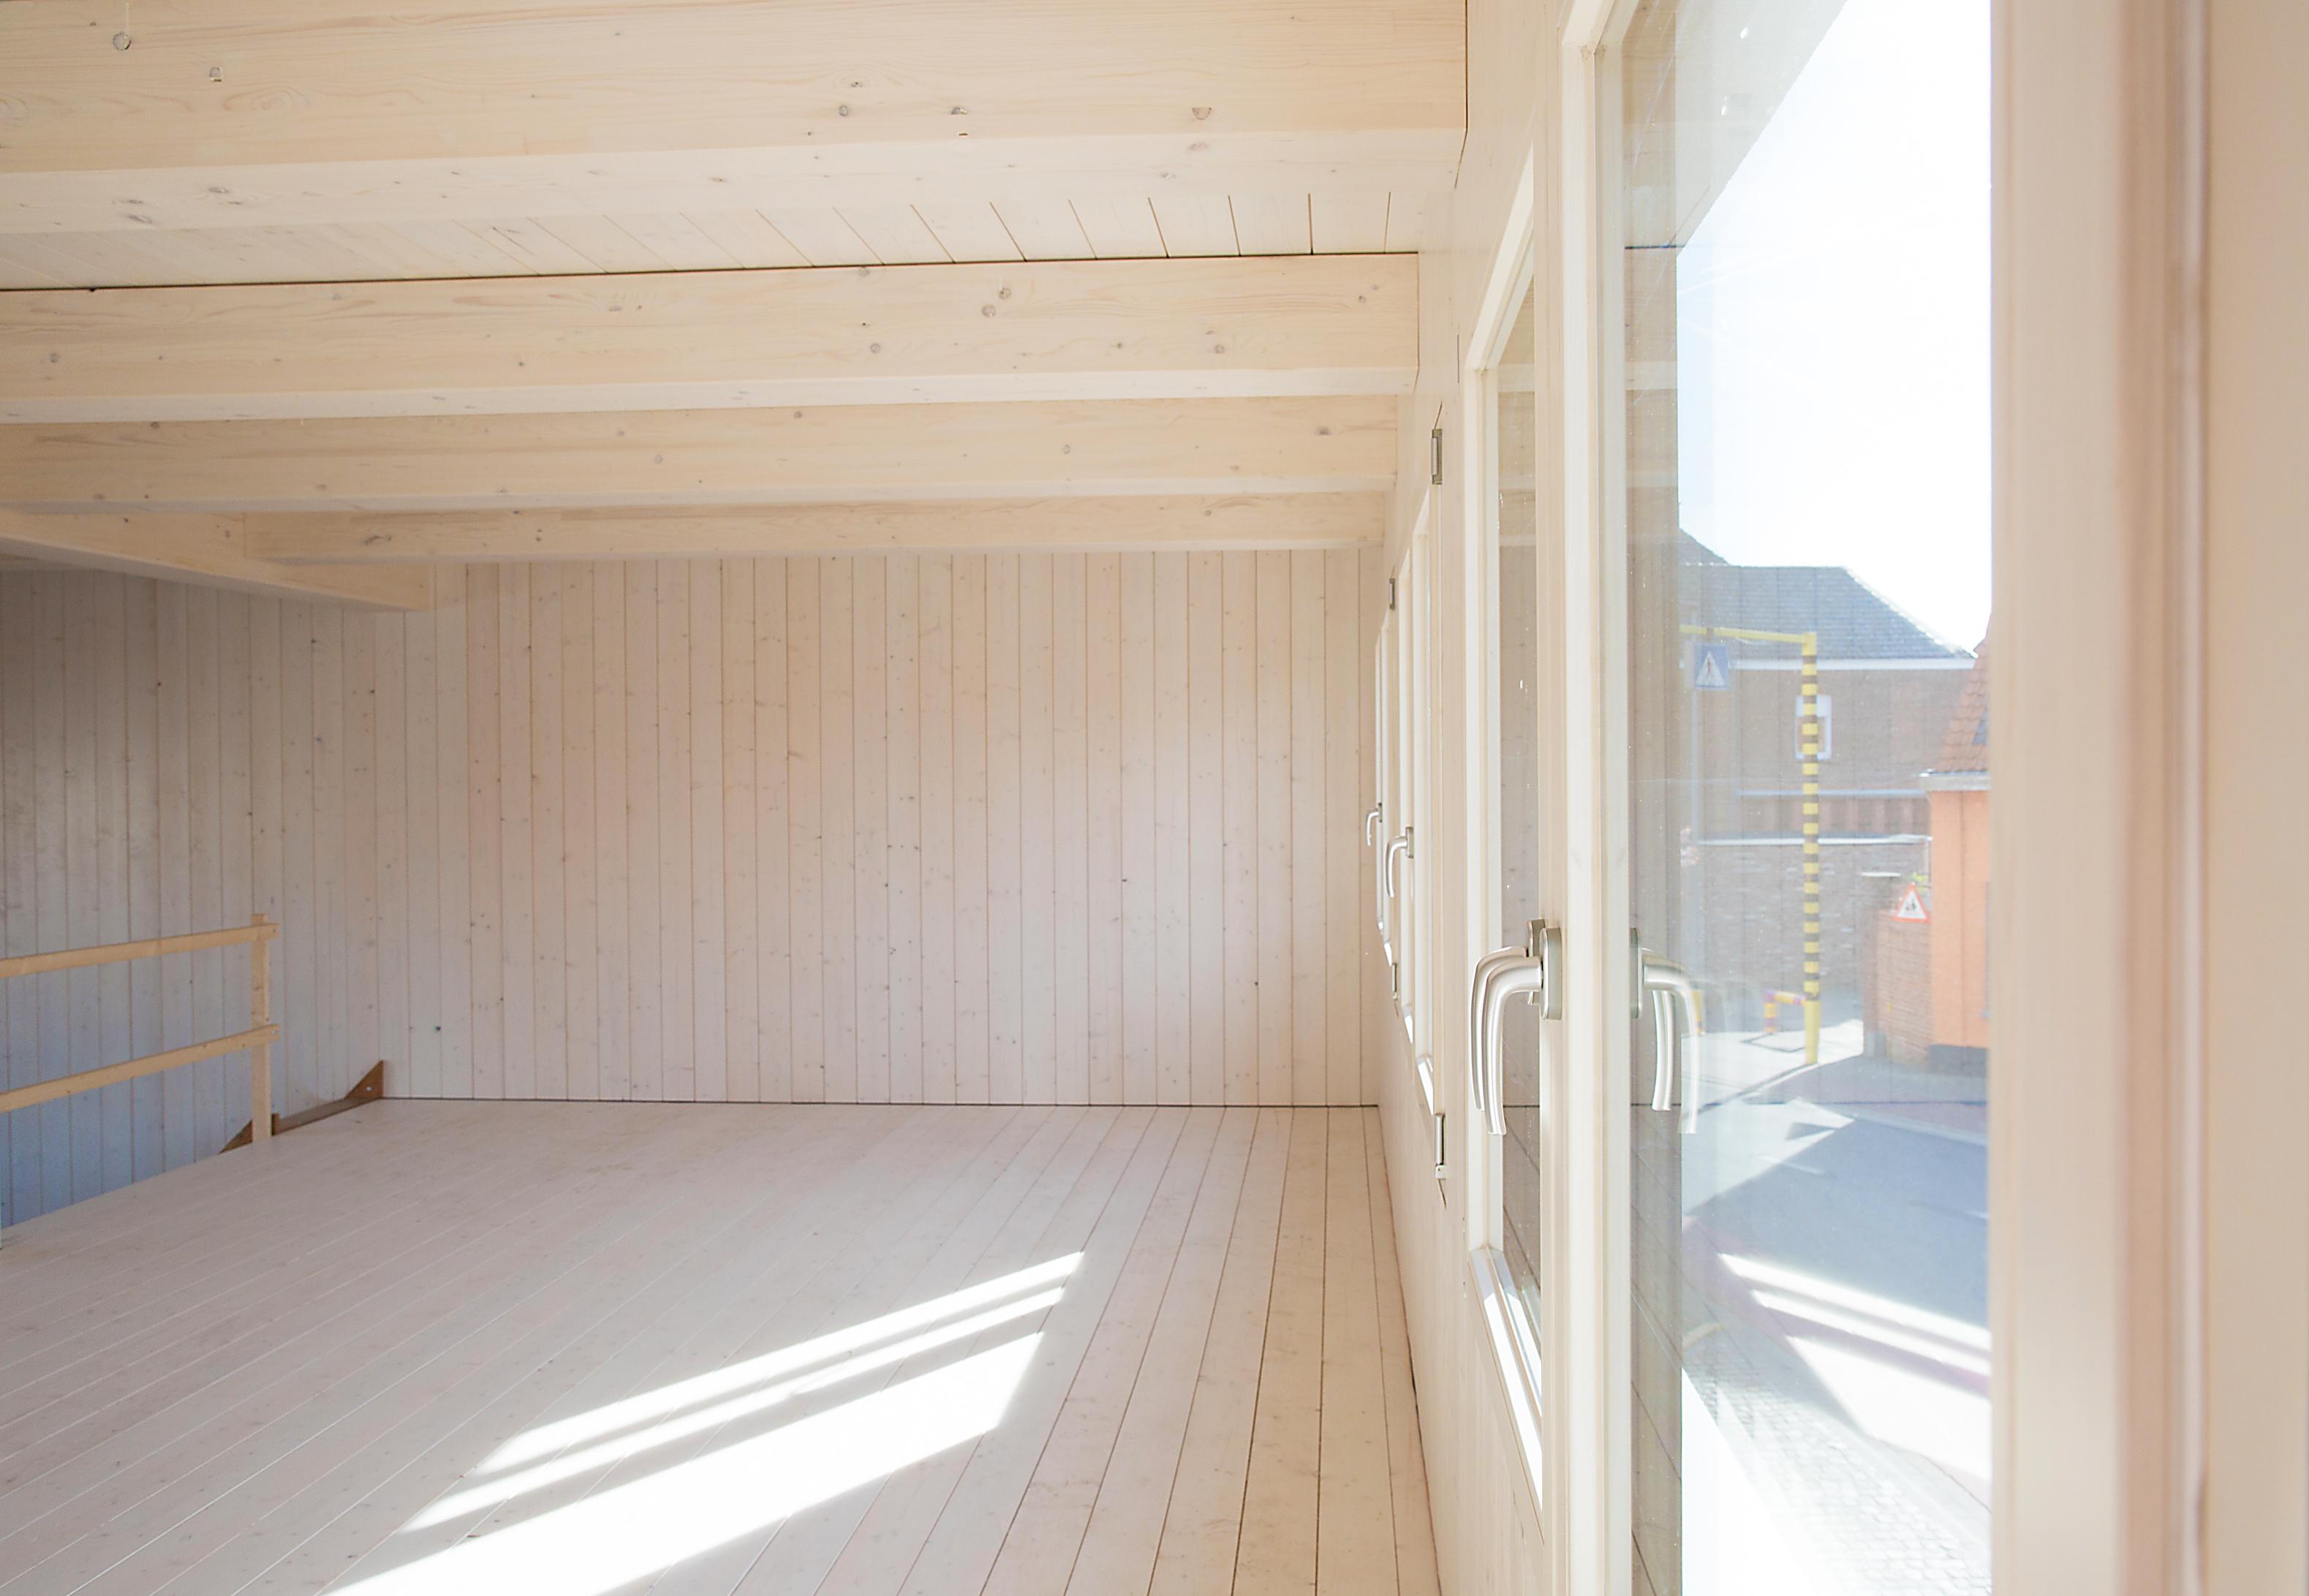 Wolfgang verraes auteur op systimber massieve houtbouwsysteem houtschakelbouw pagina 2 van 6 - Binnen houten huis ...